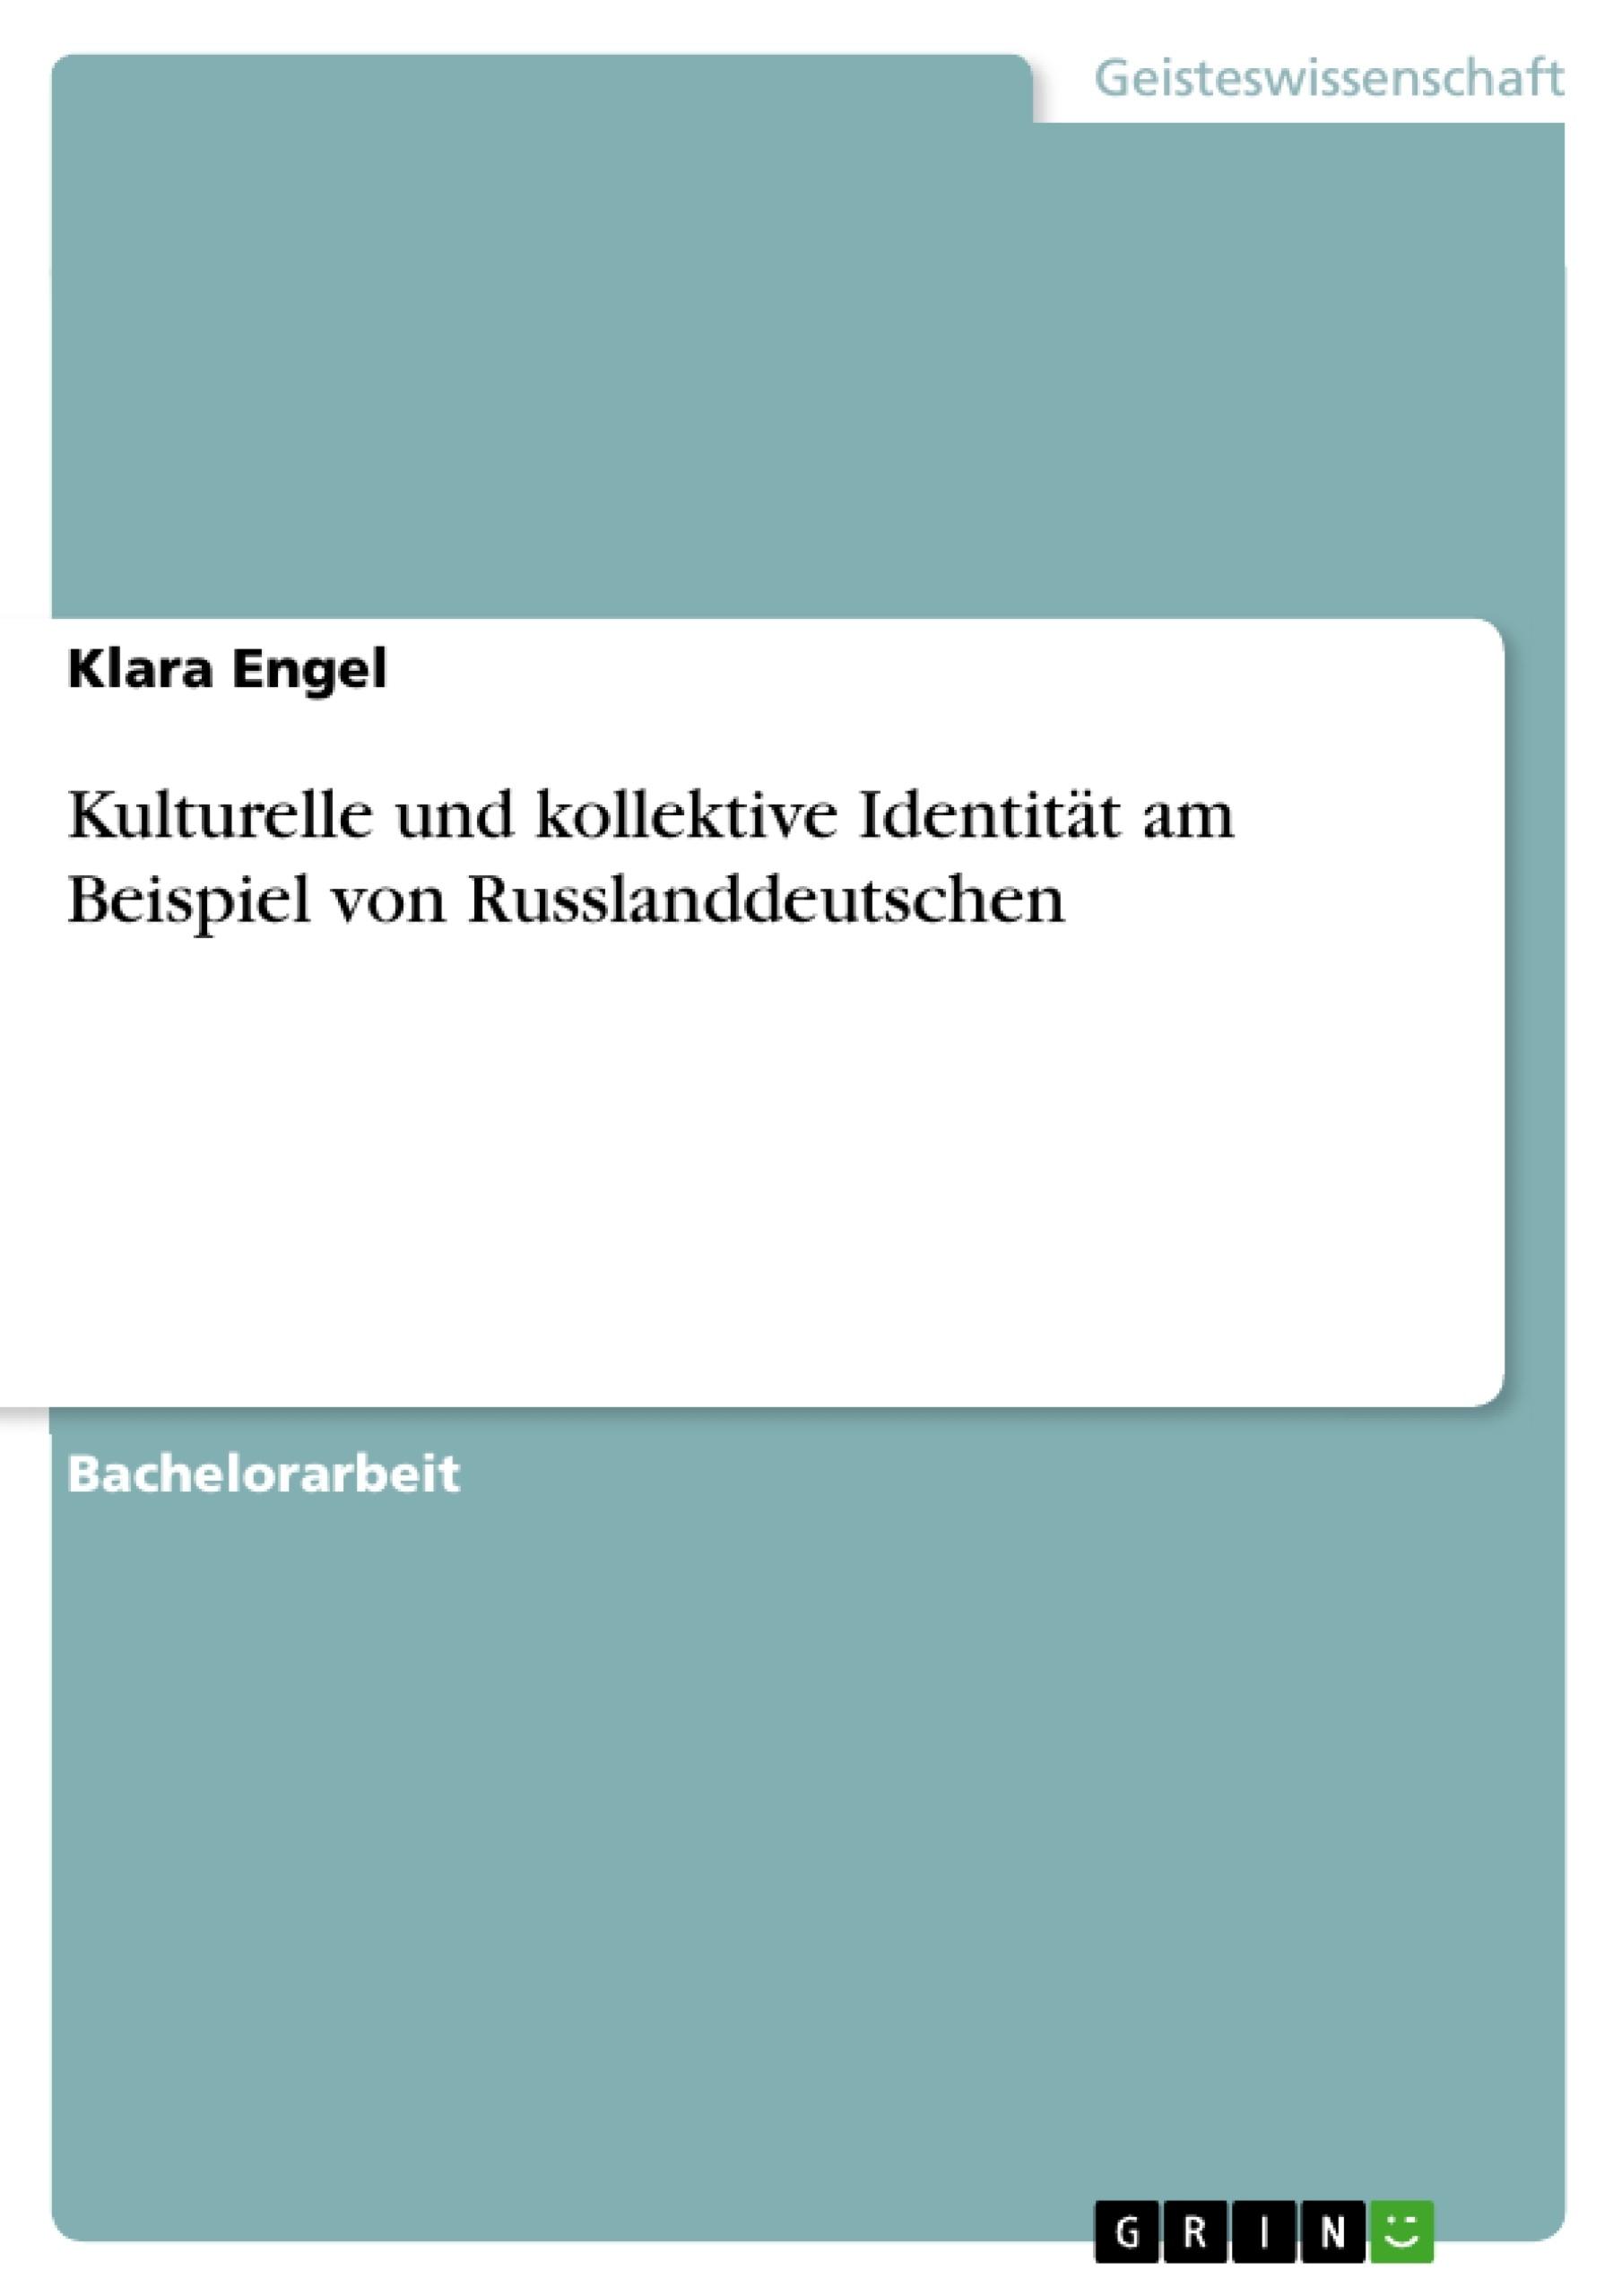 Titel: Kulturelle und kollektive Identität am Beispiel von Russlanddeutschen